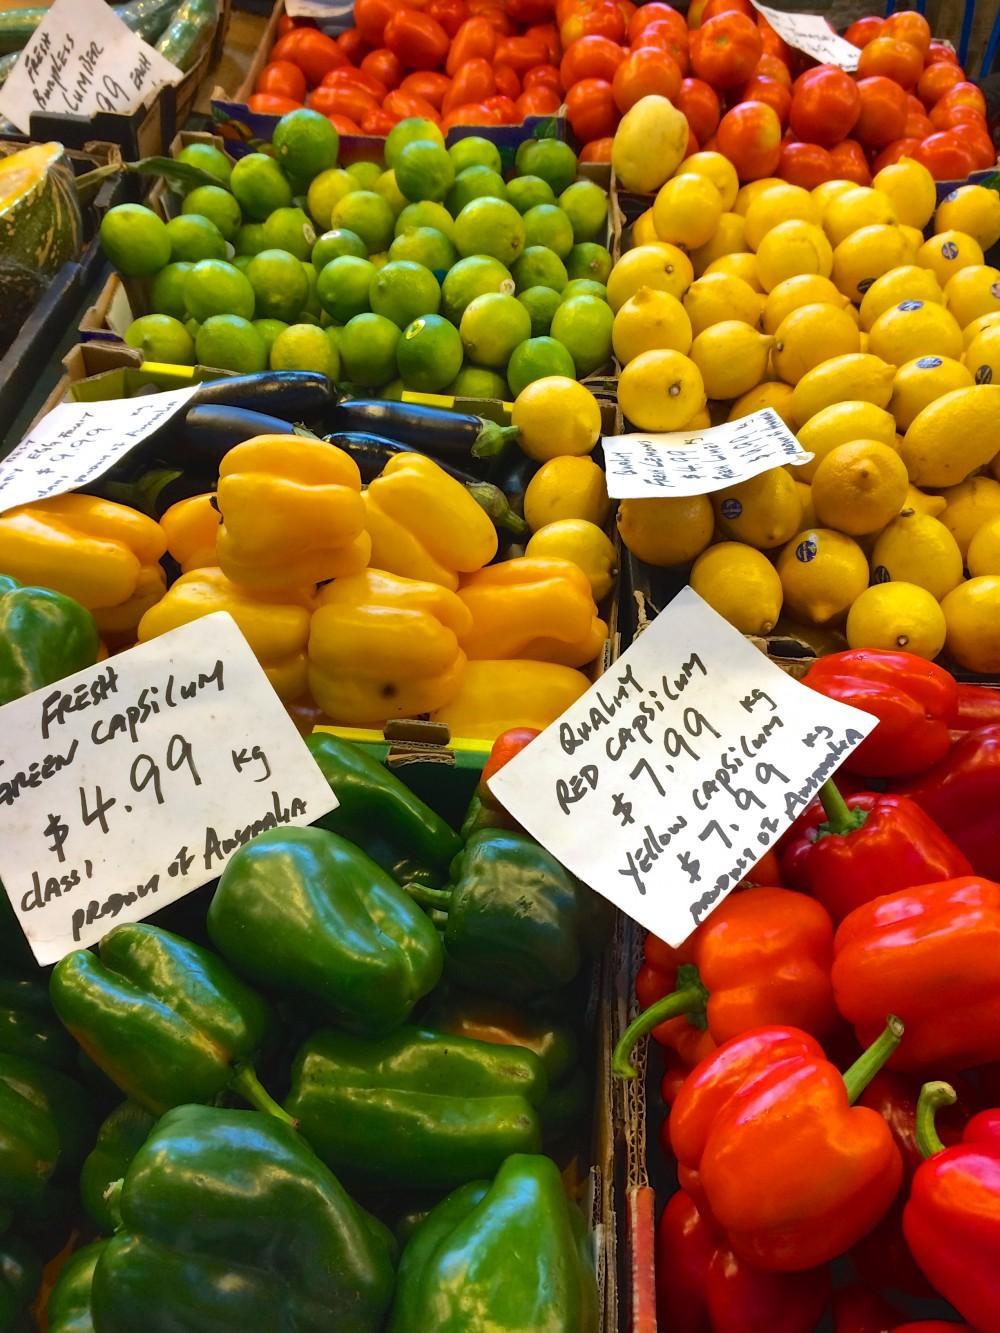 マーケットの野菜売り場。パース市民の生活を支えているフリーマントルというマーケットに連れていってもらった。オーストラリアは物価が高いので、あまり買い物できなかったけれど、色とりどりの野菜たちを見ているだけで楽しかった!